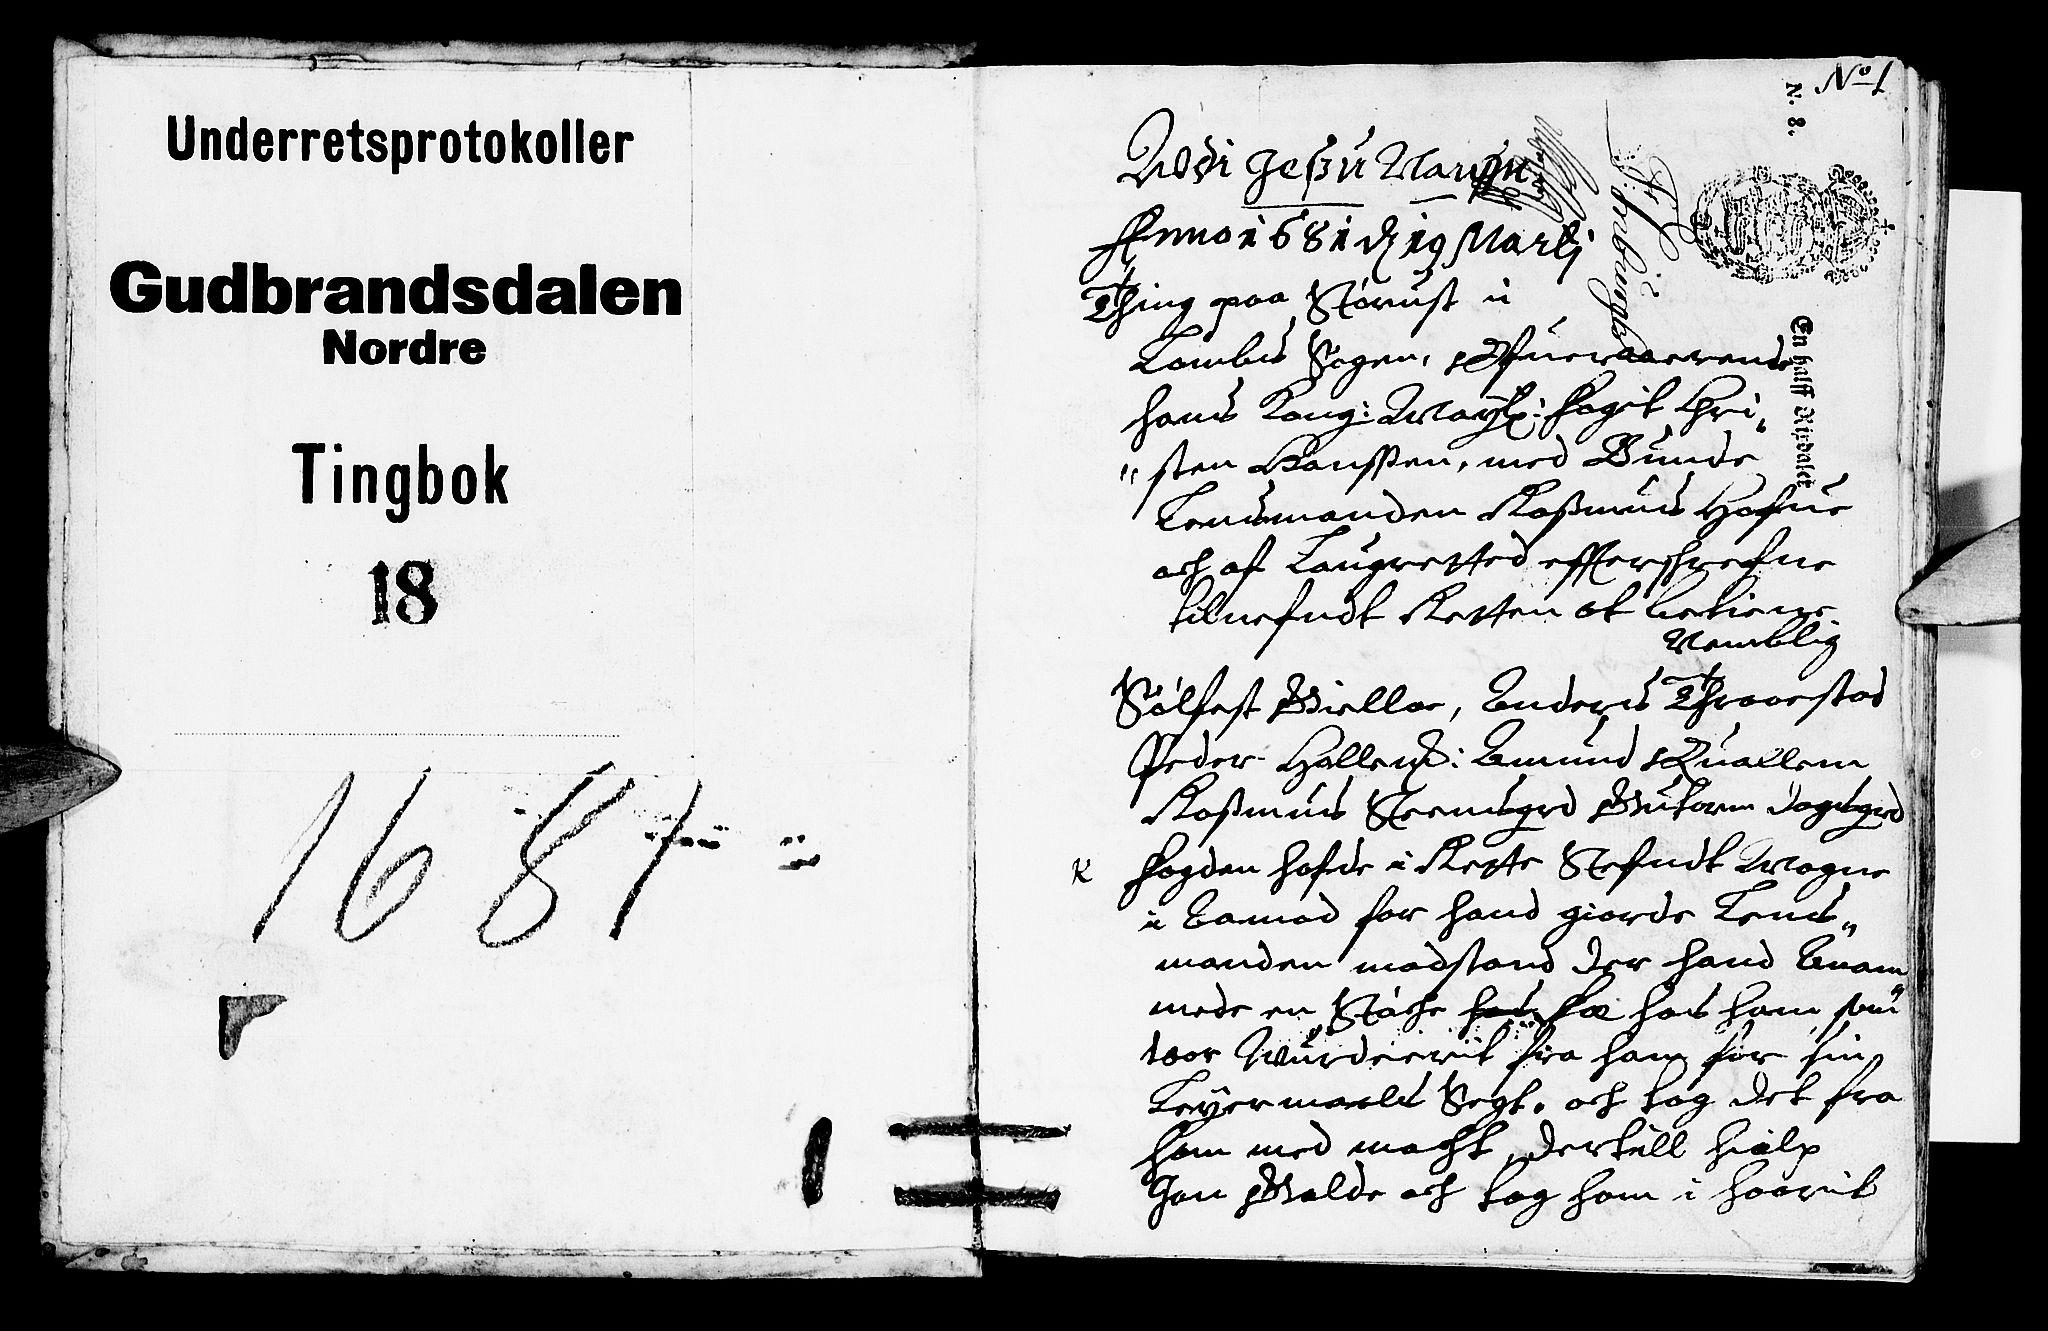 SAH, Sorenskriverier i Gudbrandsdalen, G/Gb/Gba/L0017: Tingbok - Nord-Gudbrandsdal, 1681, s. 0b-1a